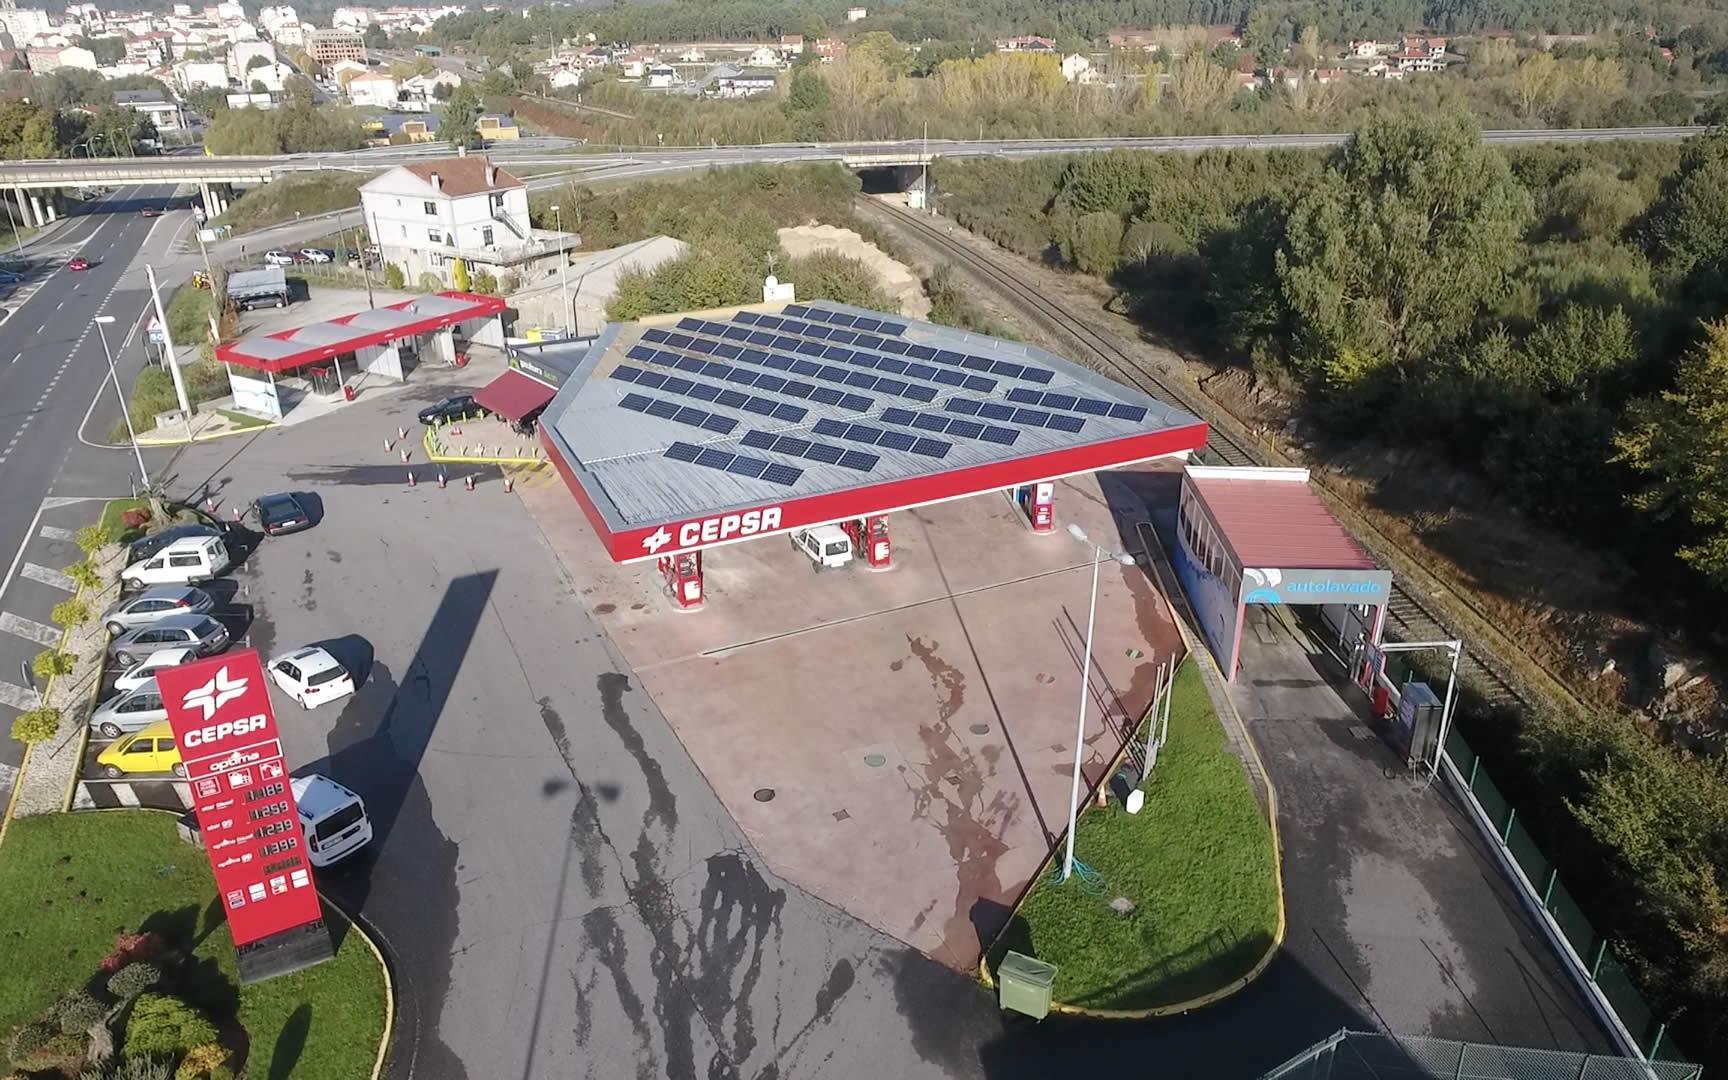 Instalación de autoconsumo fotovoltaico en E.S. Dacon (Ourense) - EDF Solar